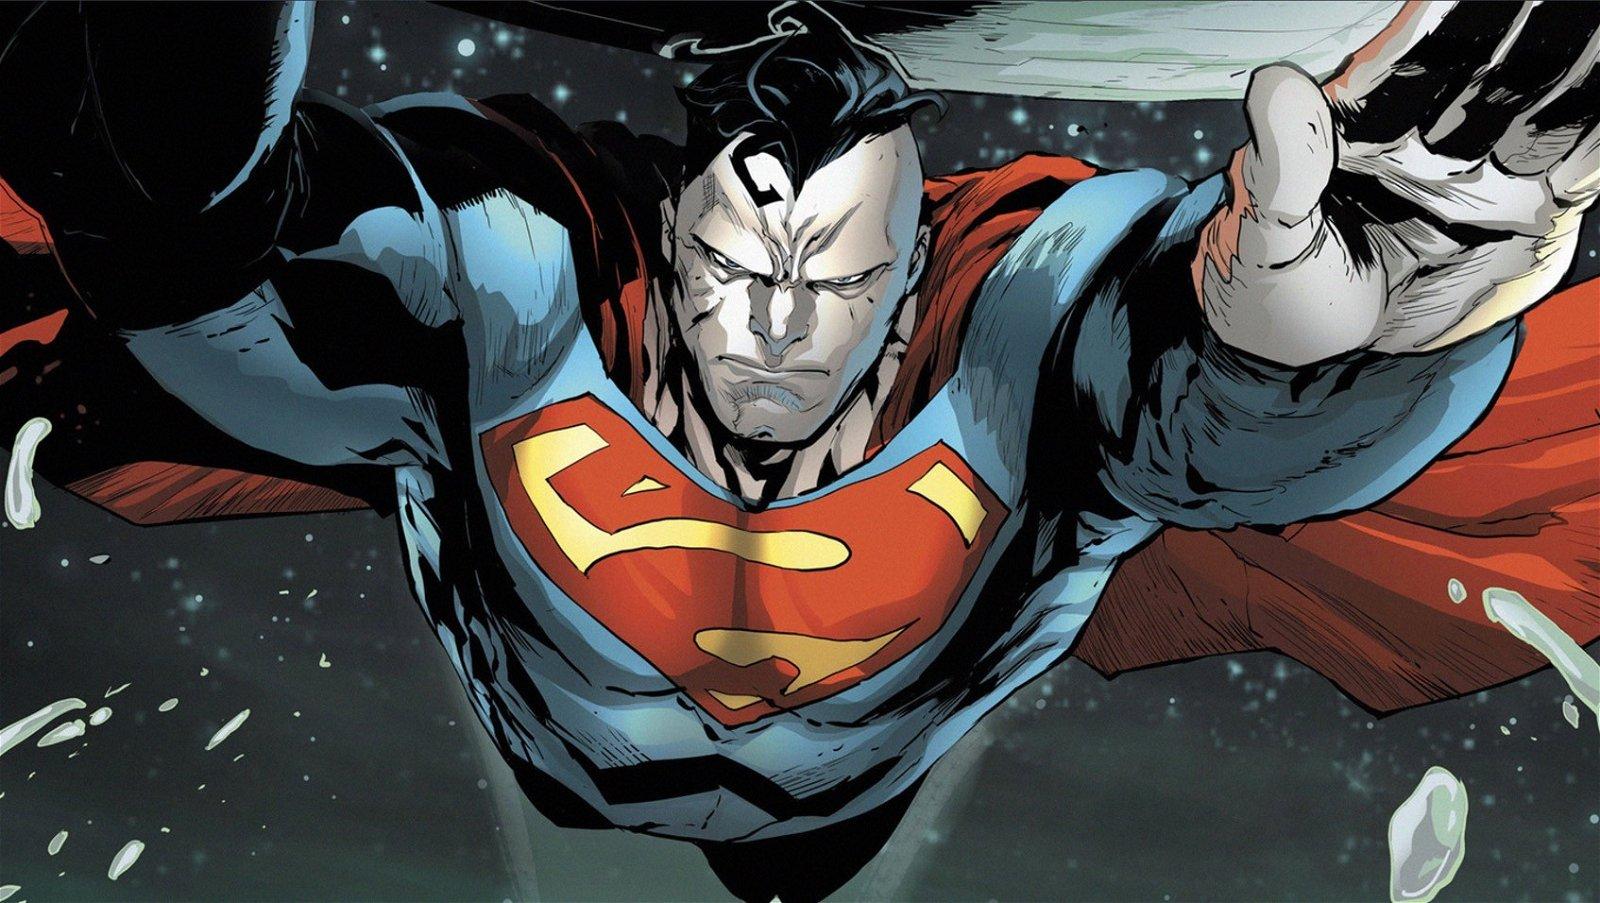 Los superhéroes de los cómics llegan a tu PC con estos fondos de pantalla